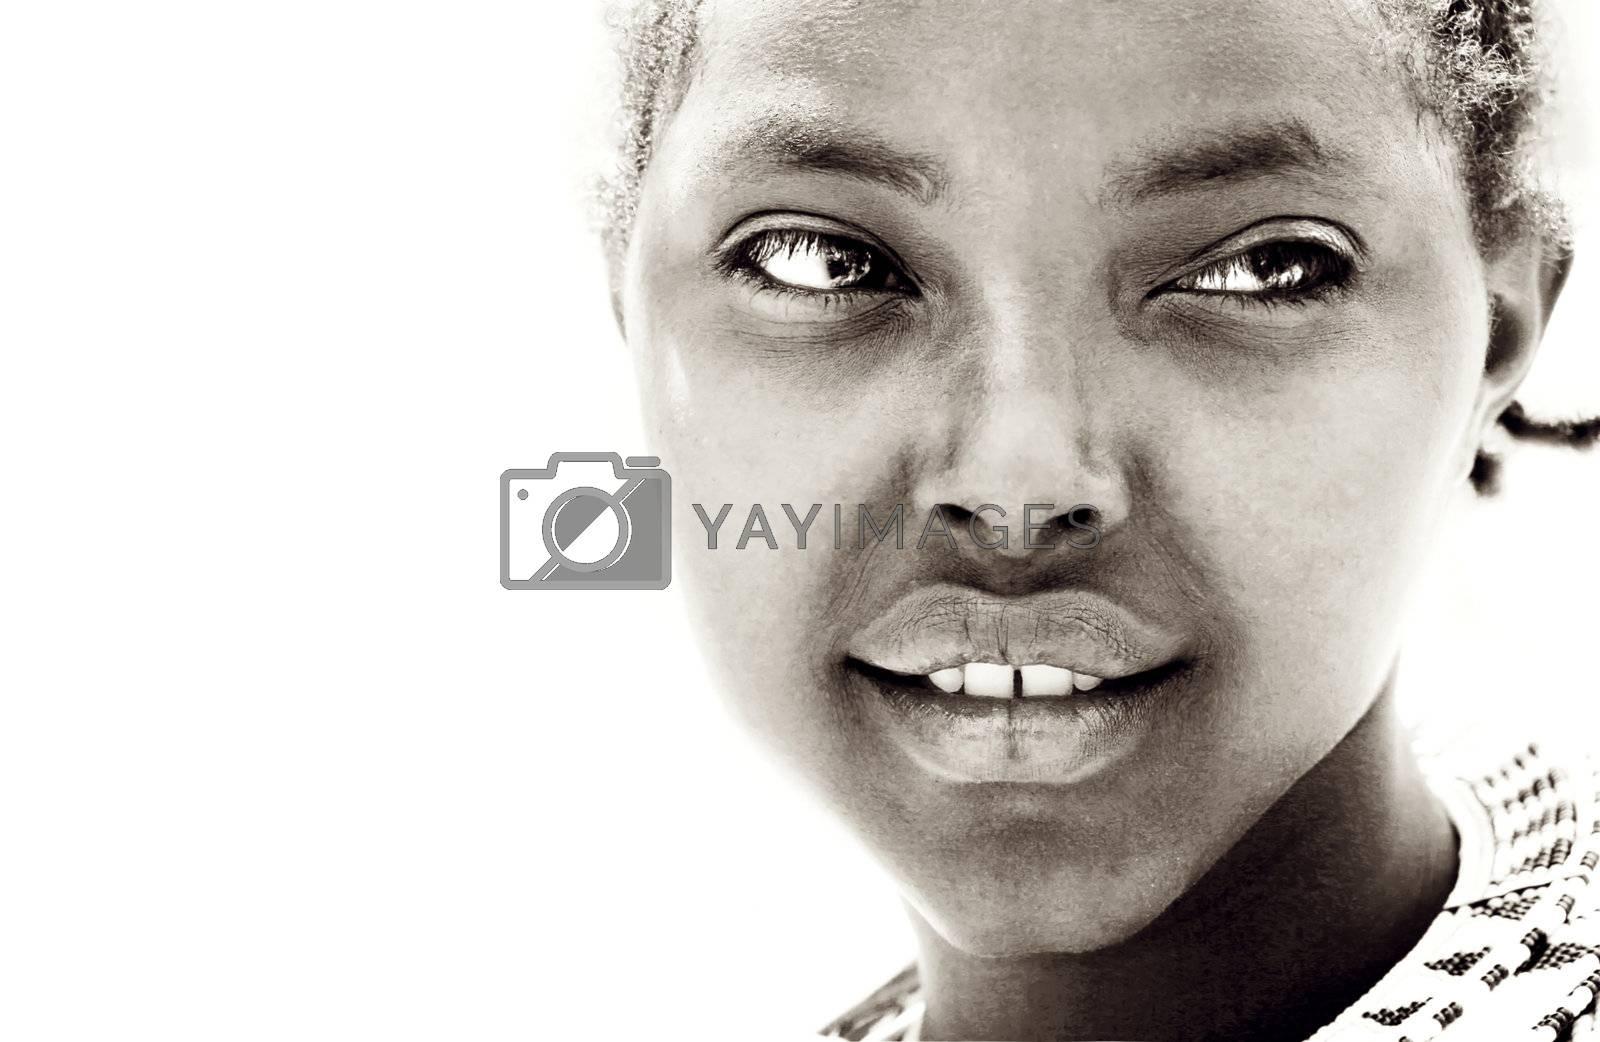 African girl portrait by Anna_Omelchenko